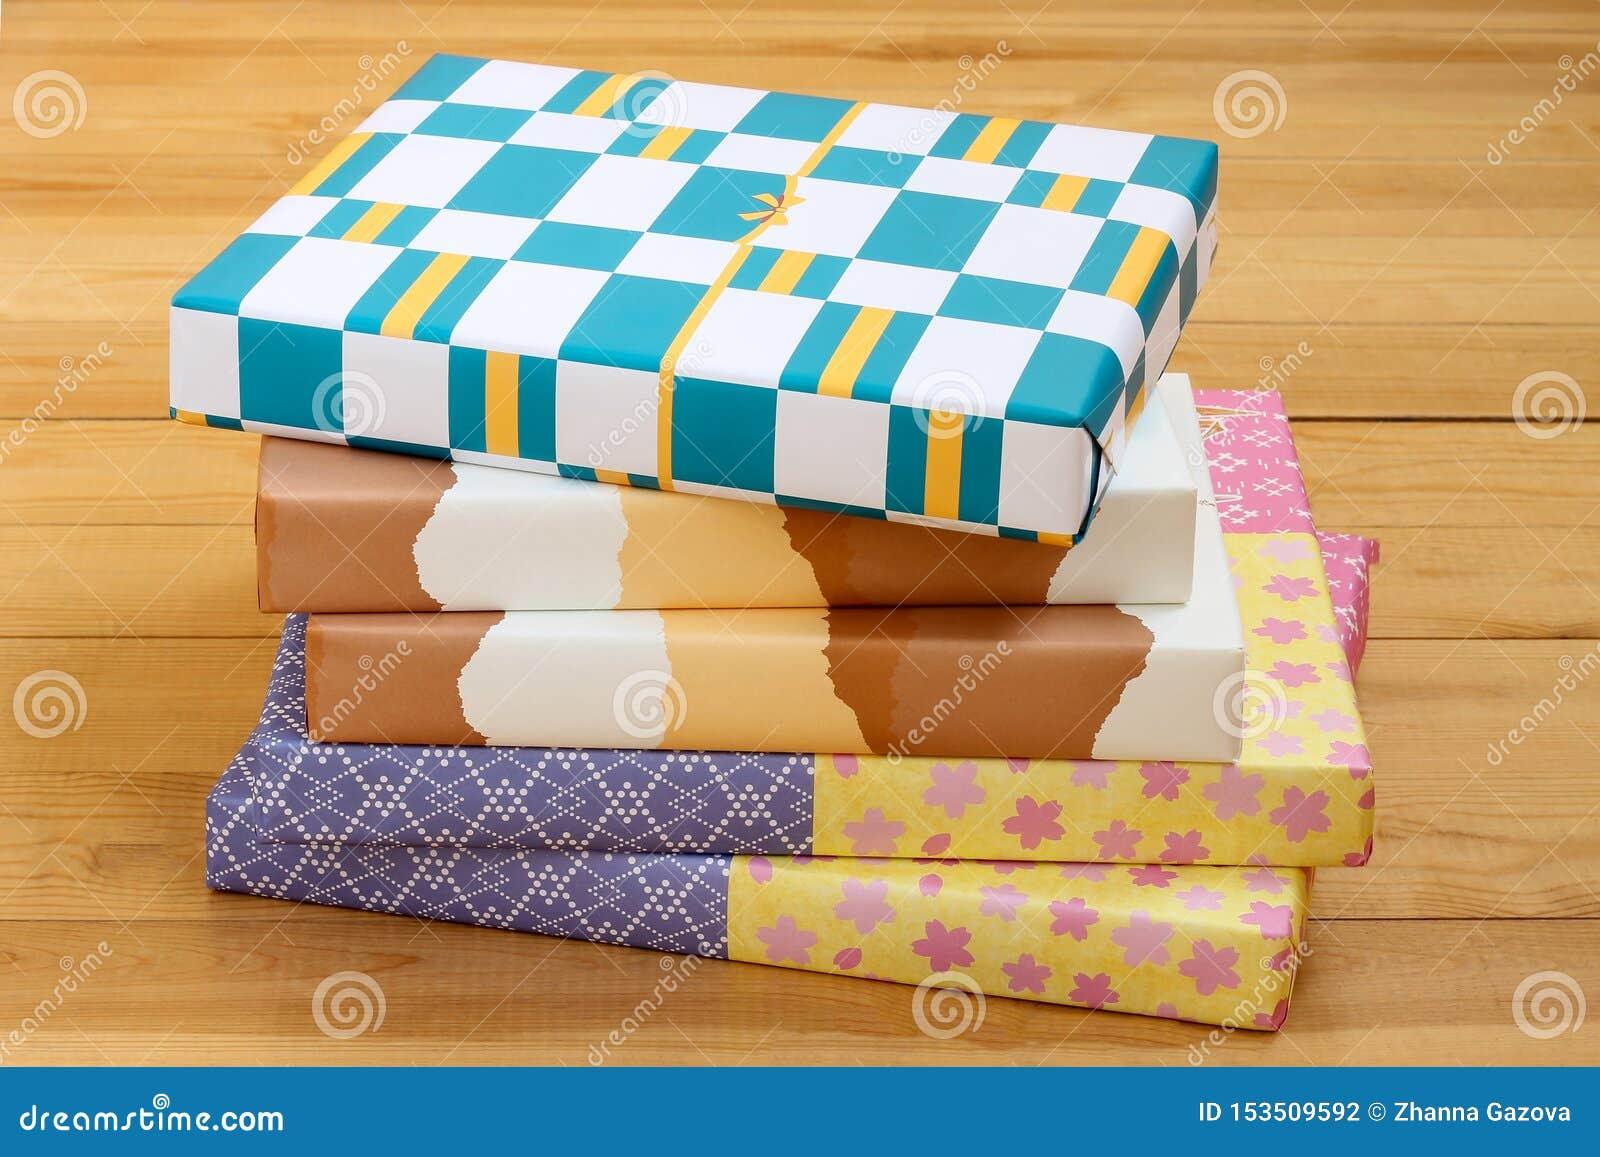 Pila de cajas de color de la cartulina en fondo de madera